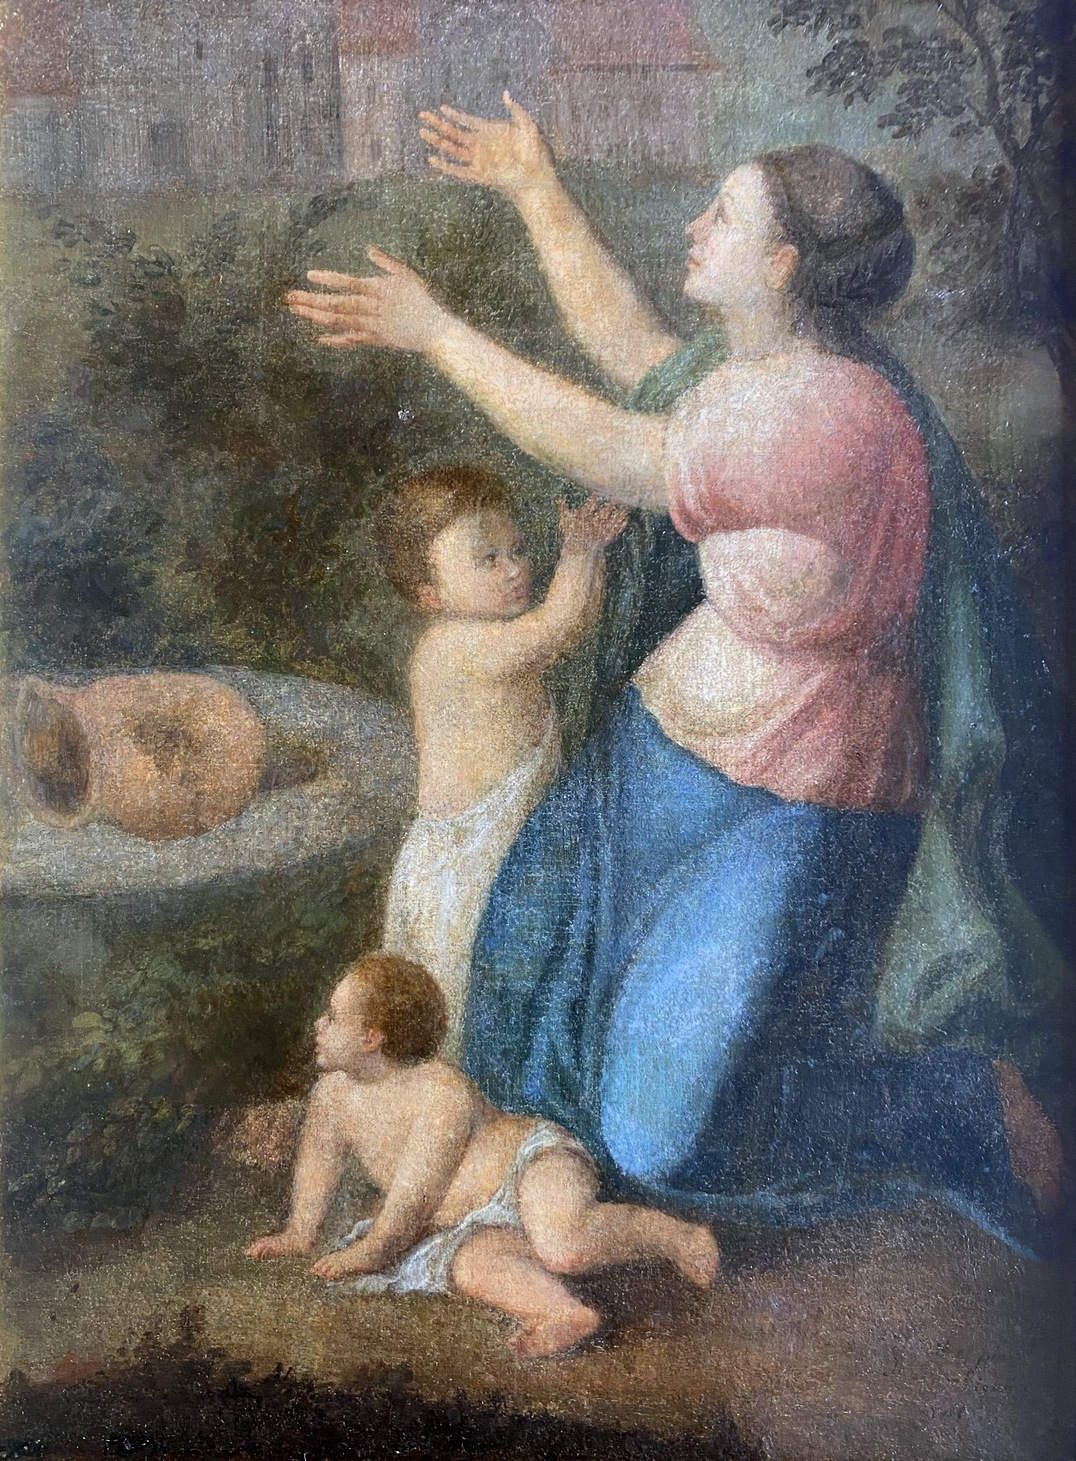 Scena alegoryczna z matką i dziećmi przy studni, 1817